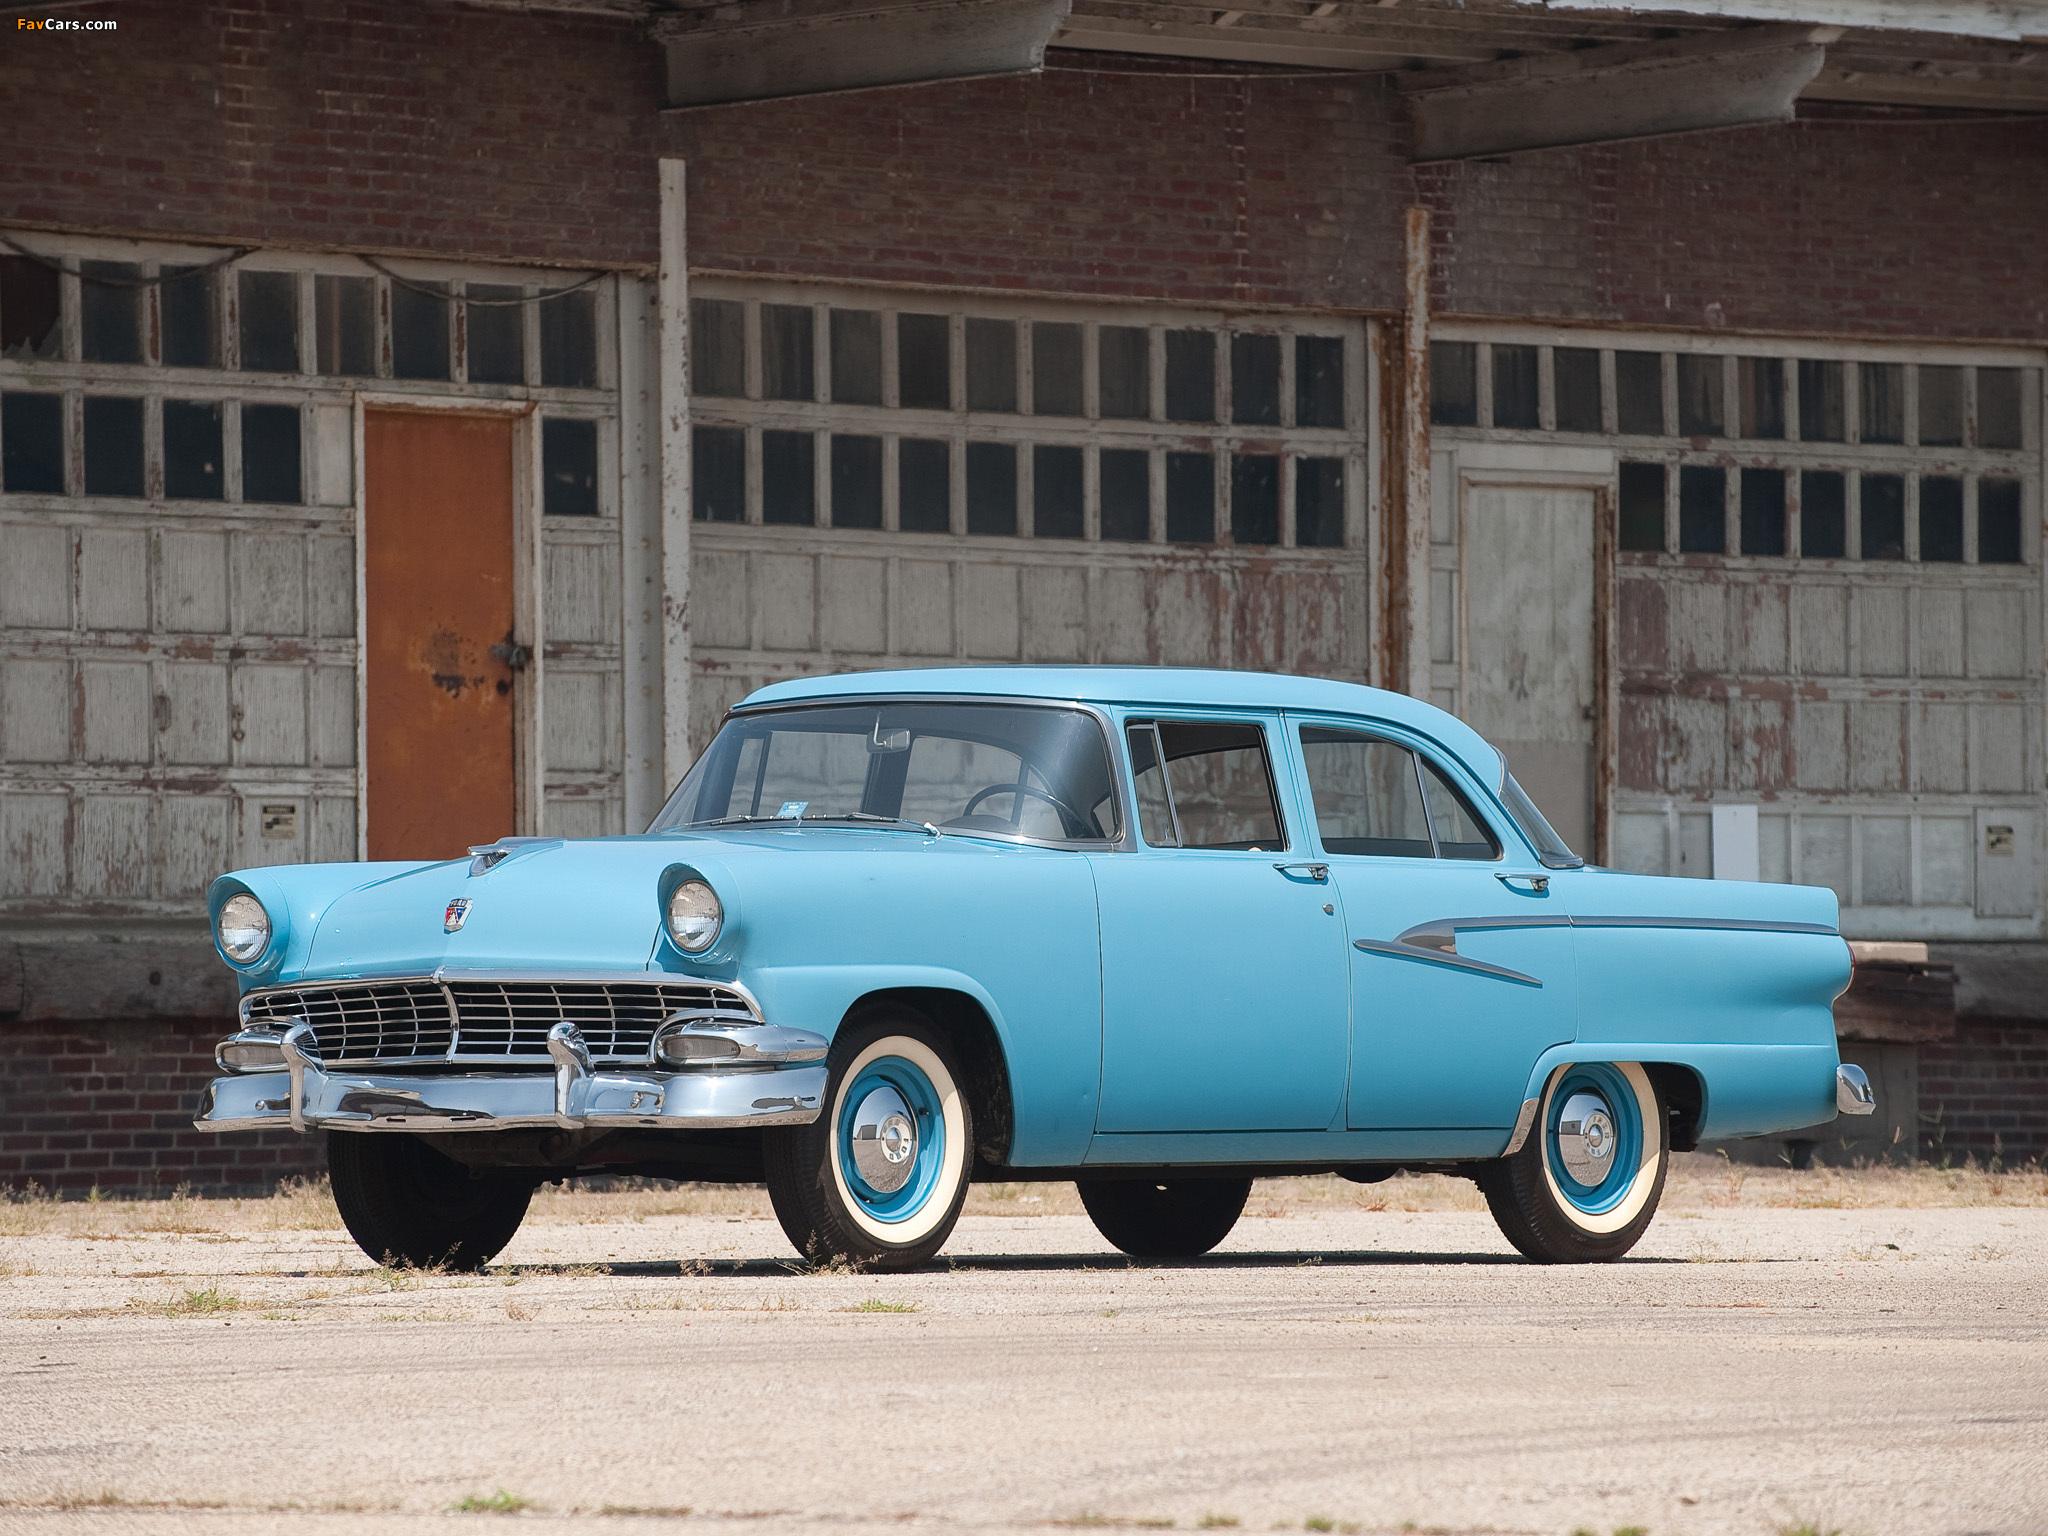 Ford mainline 4 door sedan 1956 pictures 2048x1536 for 1956 ford 4 door